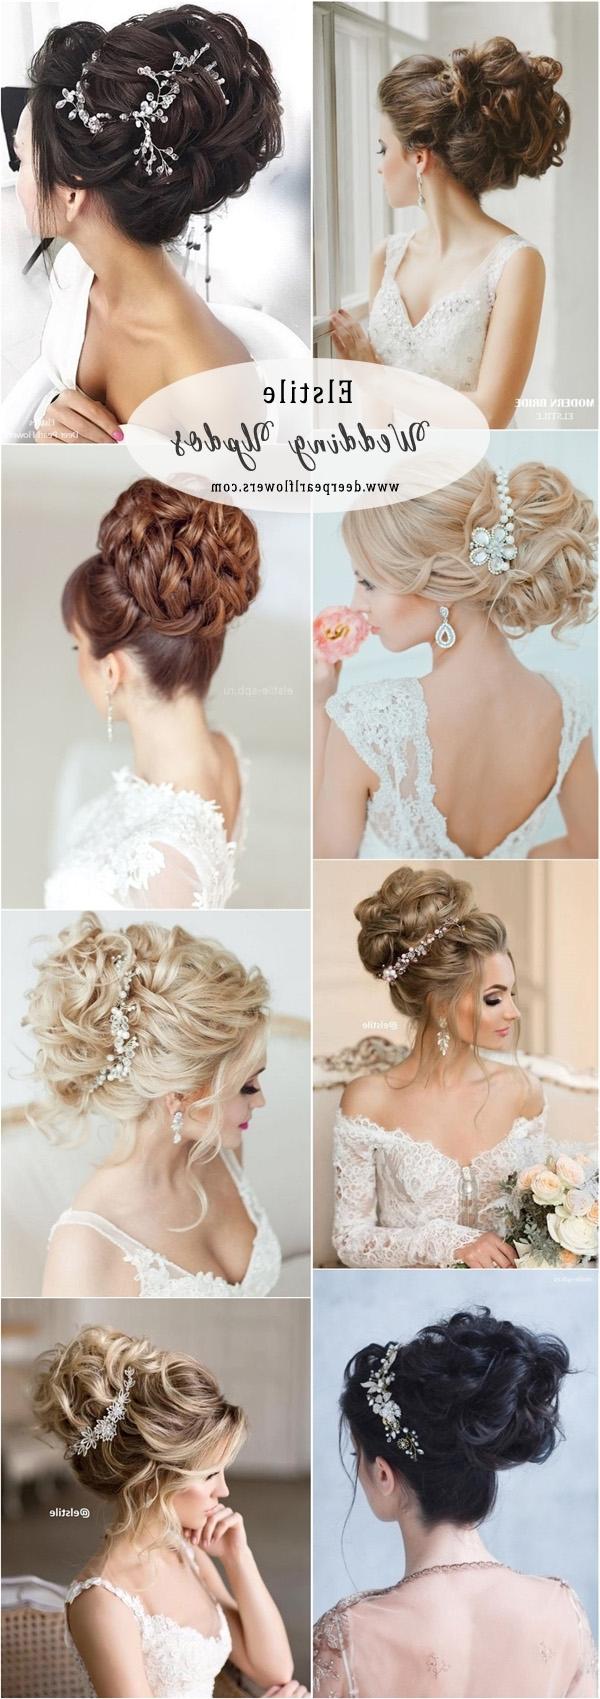 Deer Pearl Flowers In Preferred Elstile Wedding Hairstyles For Long Hair (View 5 of 15)